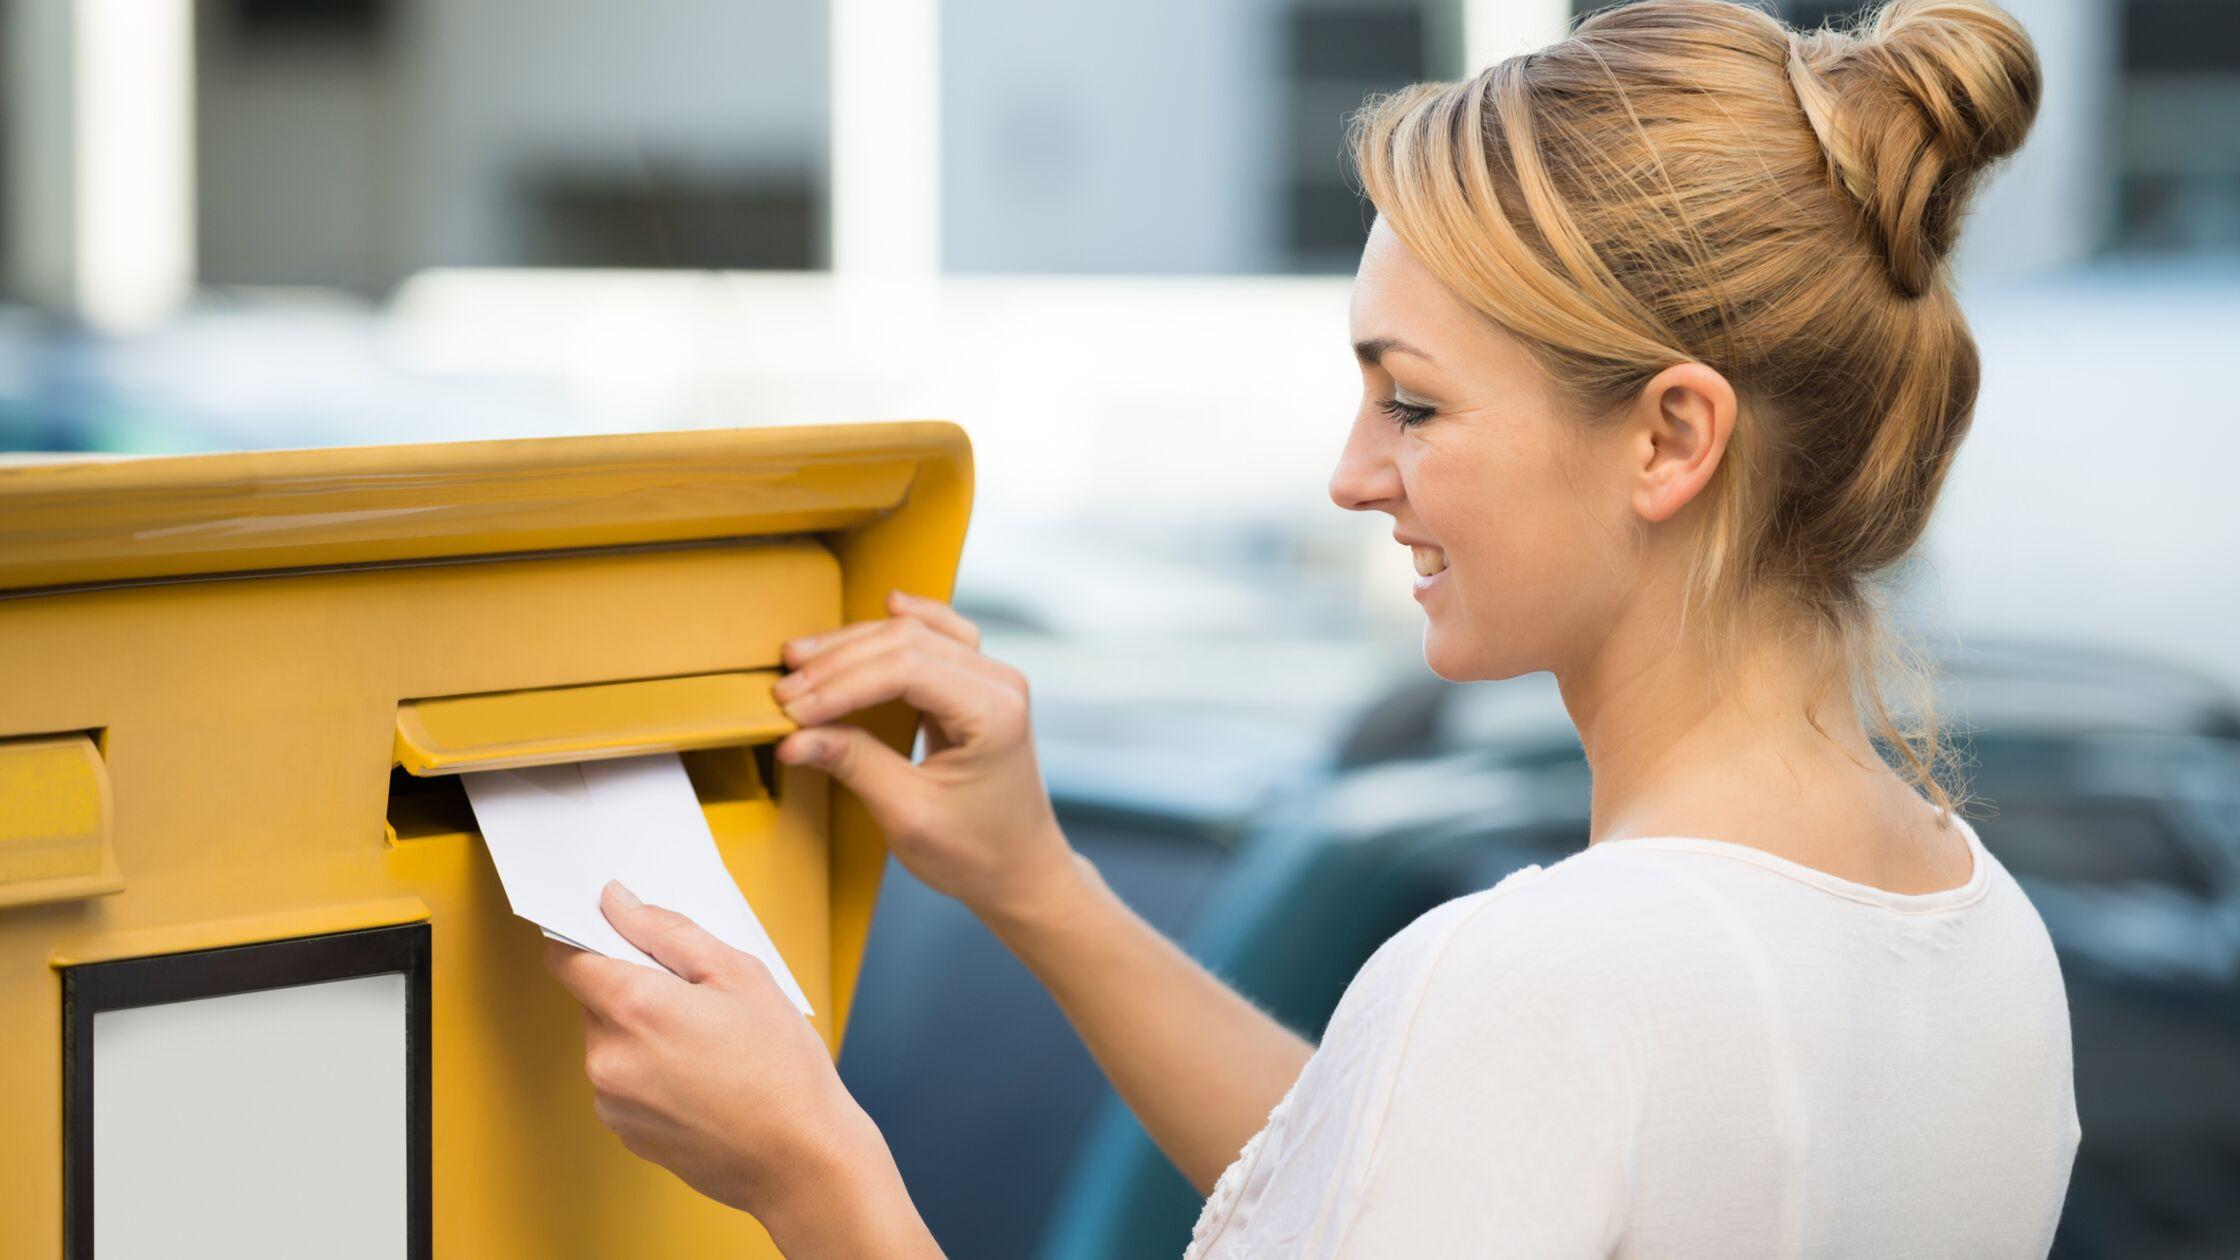 Junge Frau steckt Kündigung des Mietvertrages in den Postkasten.